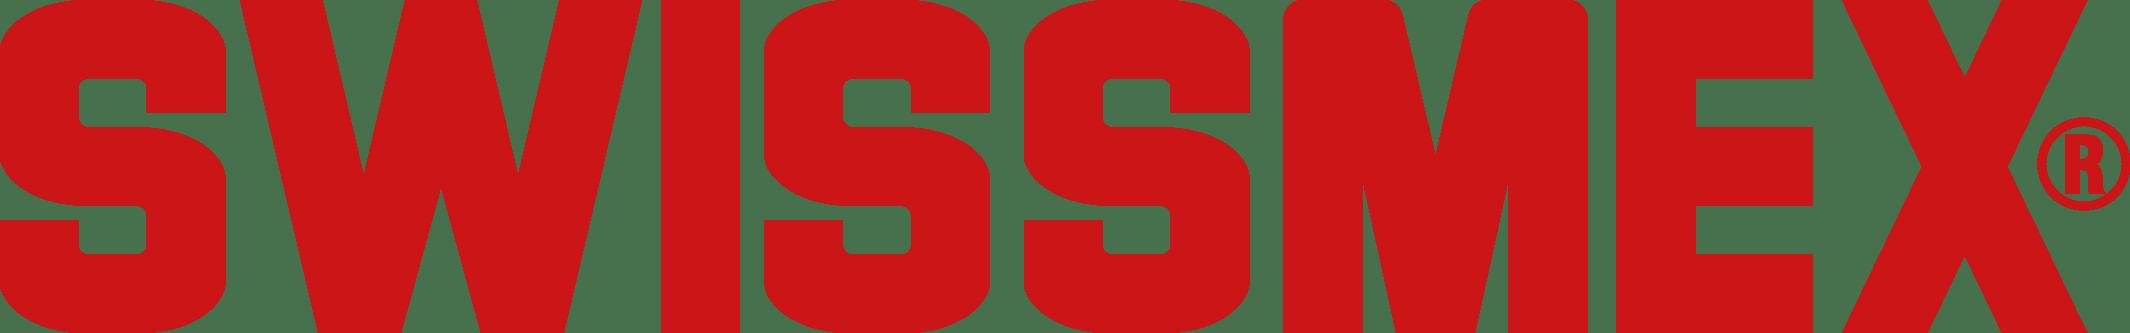 https://www.swissmex.com/PortalWeb/us/